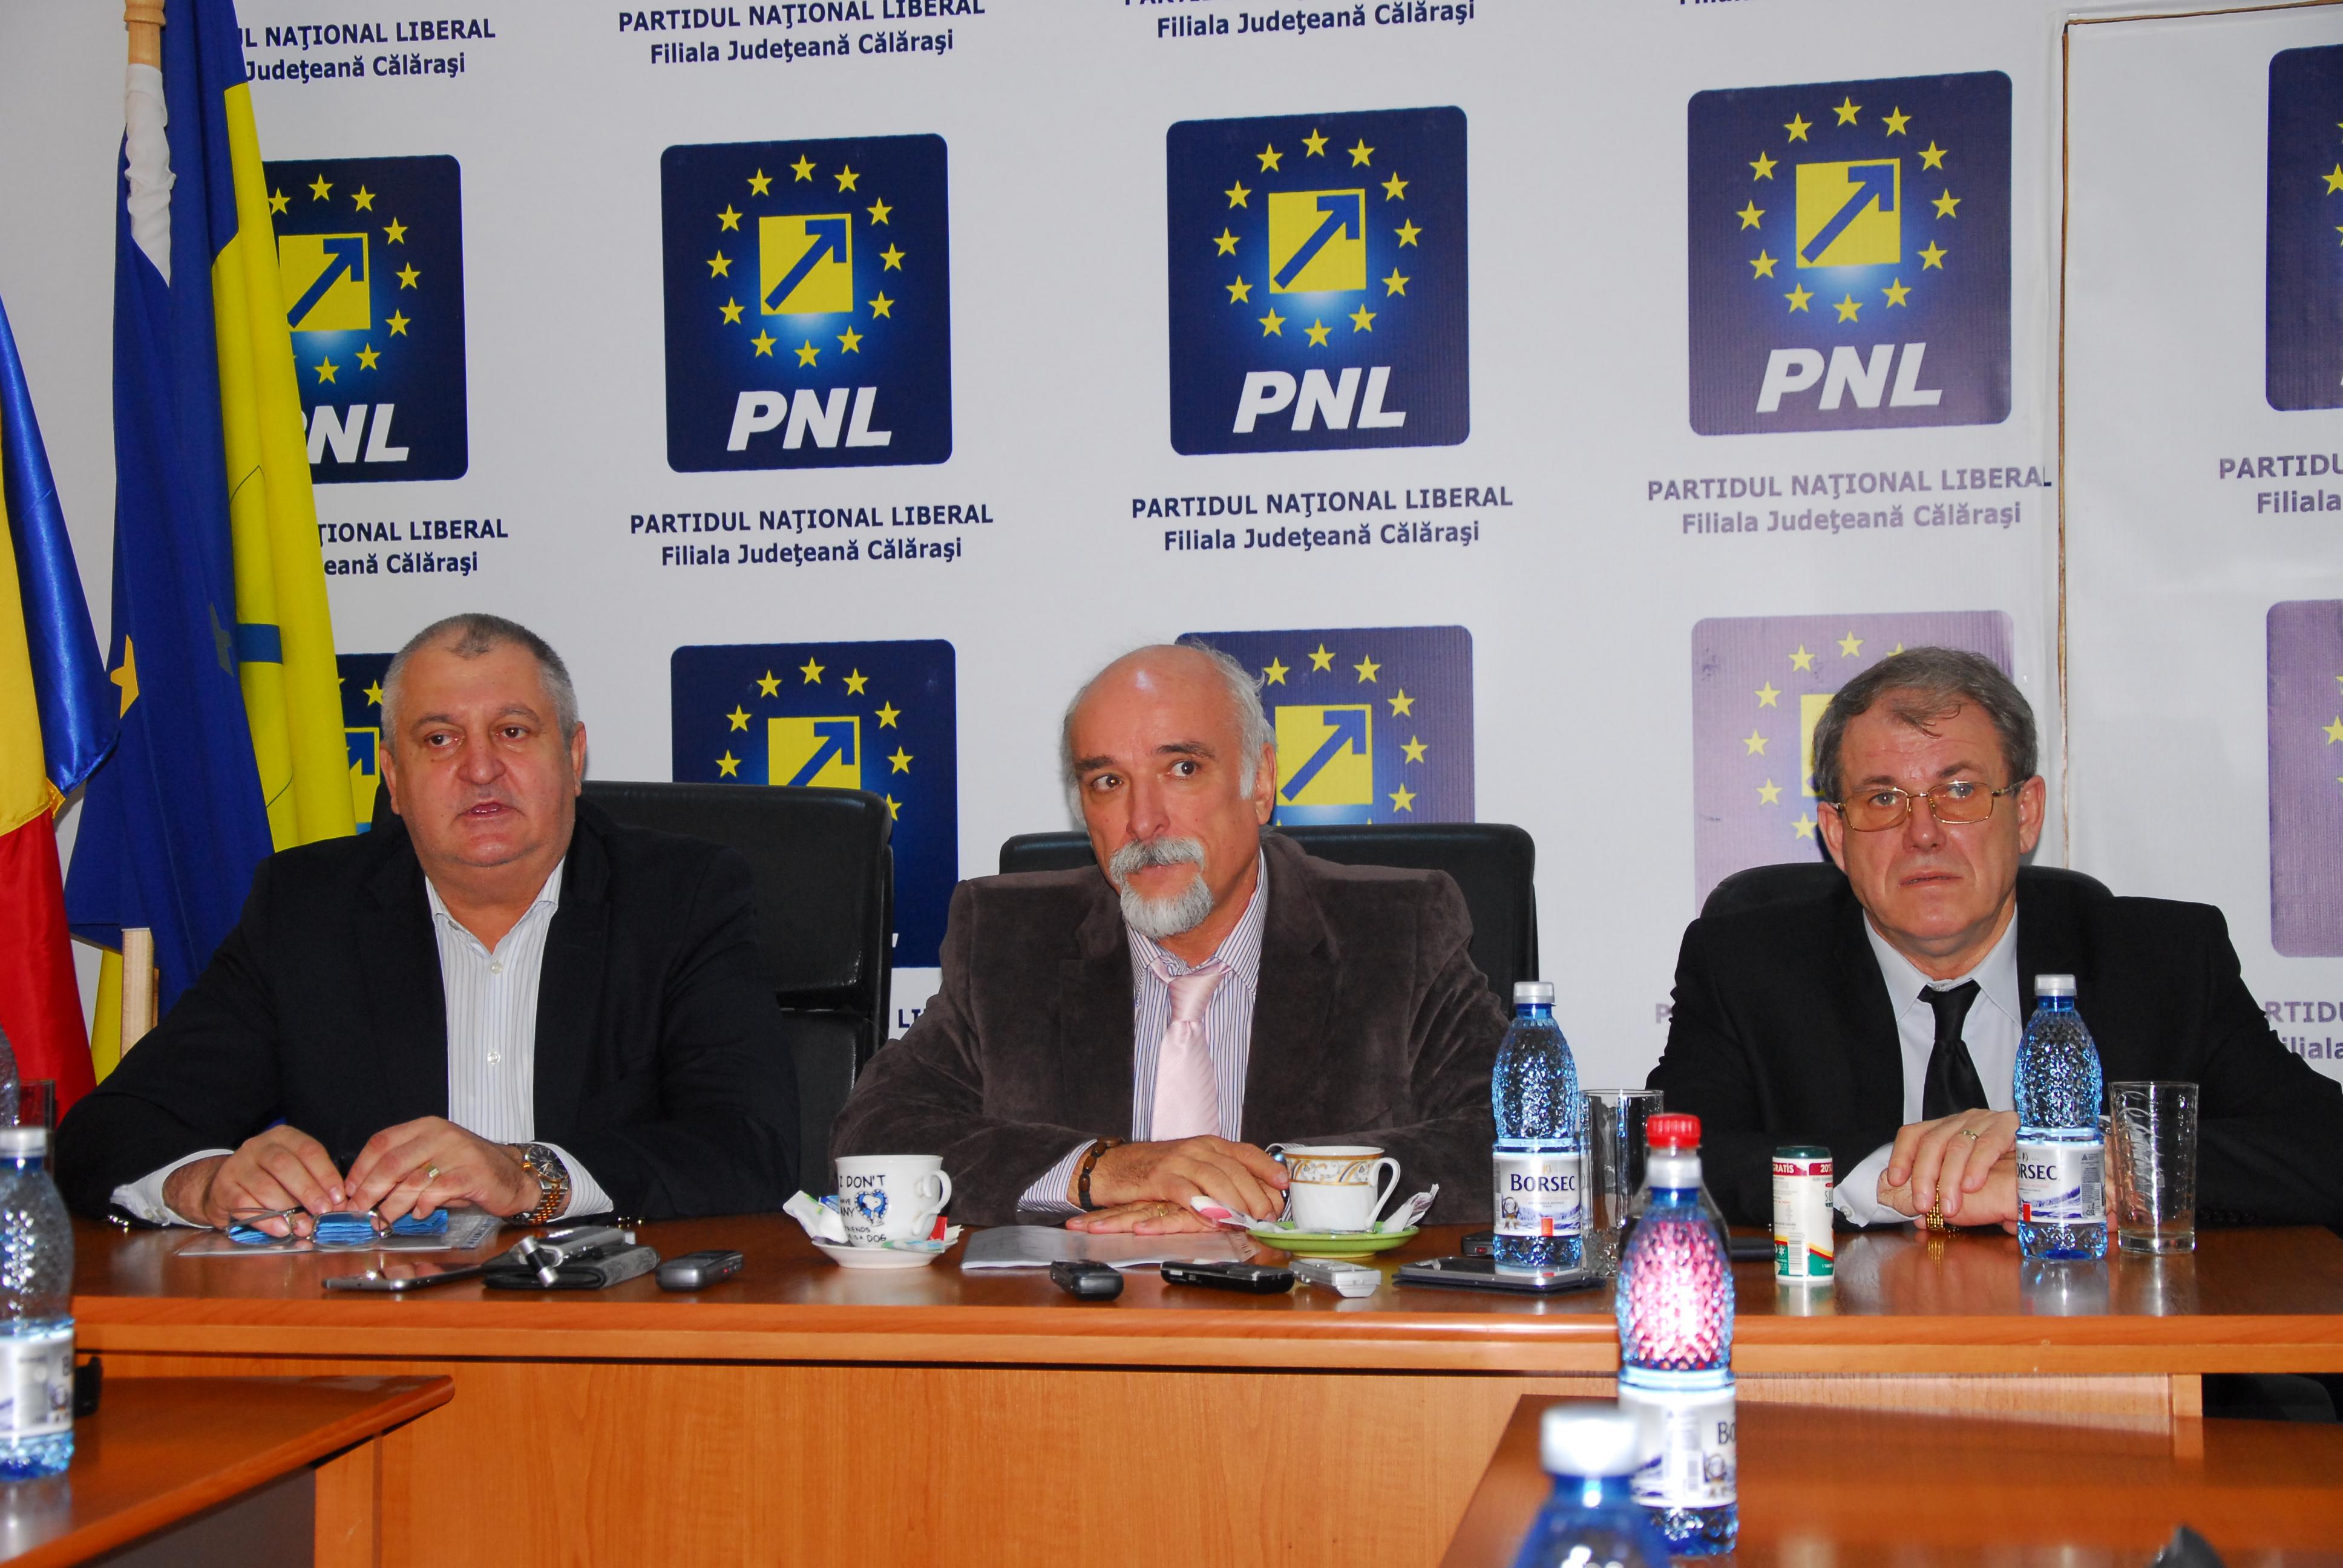 Sub steagul galben-albastru, Drăgulin şi Dinulescu,  vă ordon câştigaţi primăria şi consiliul judeţean !